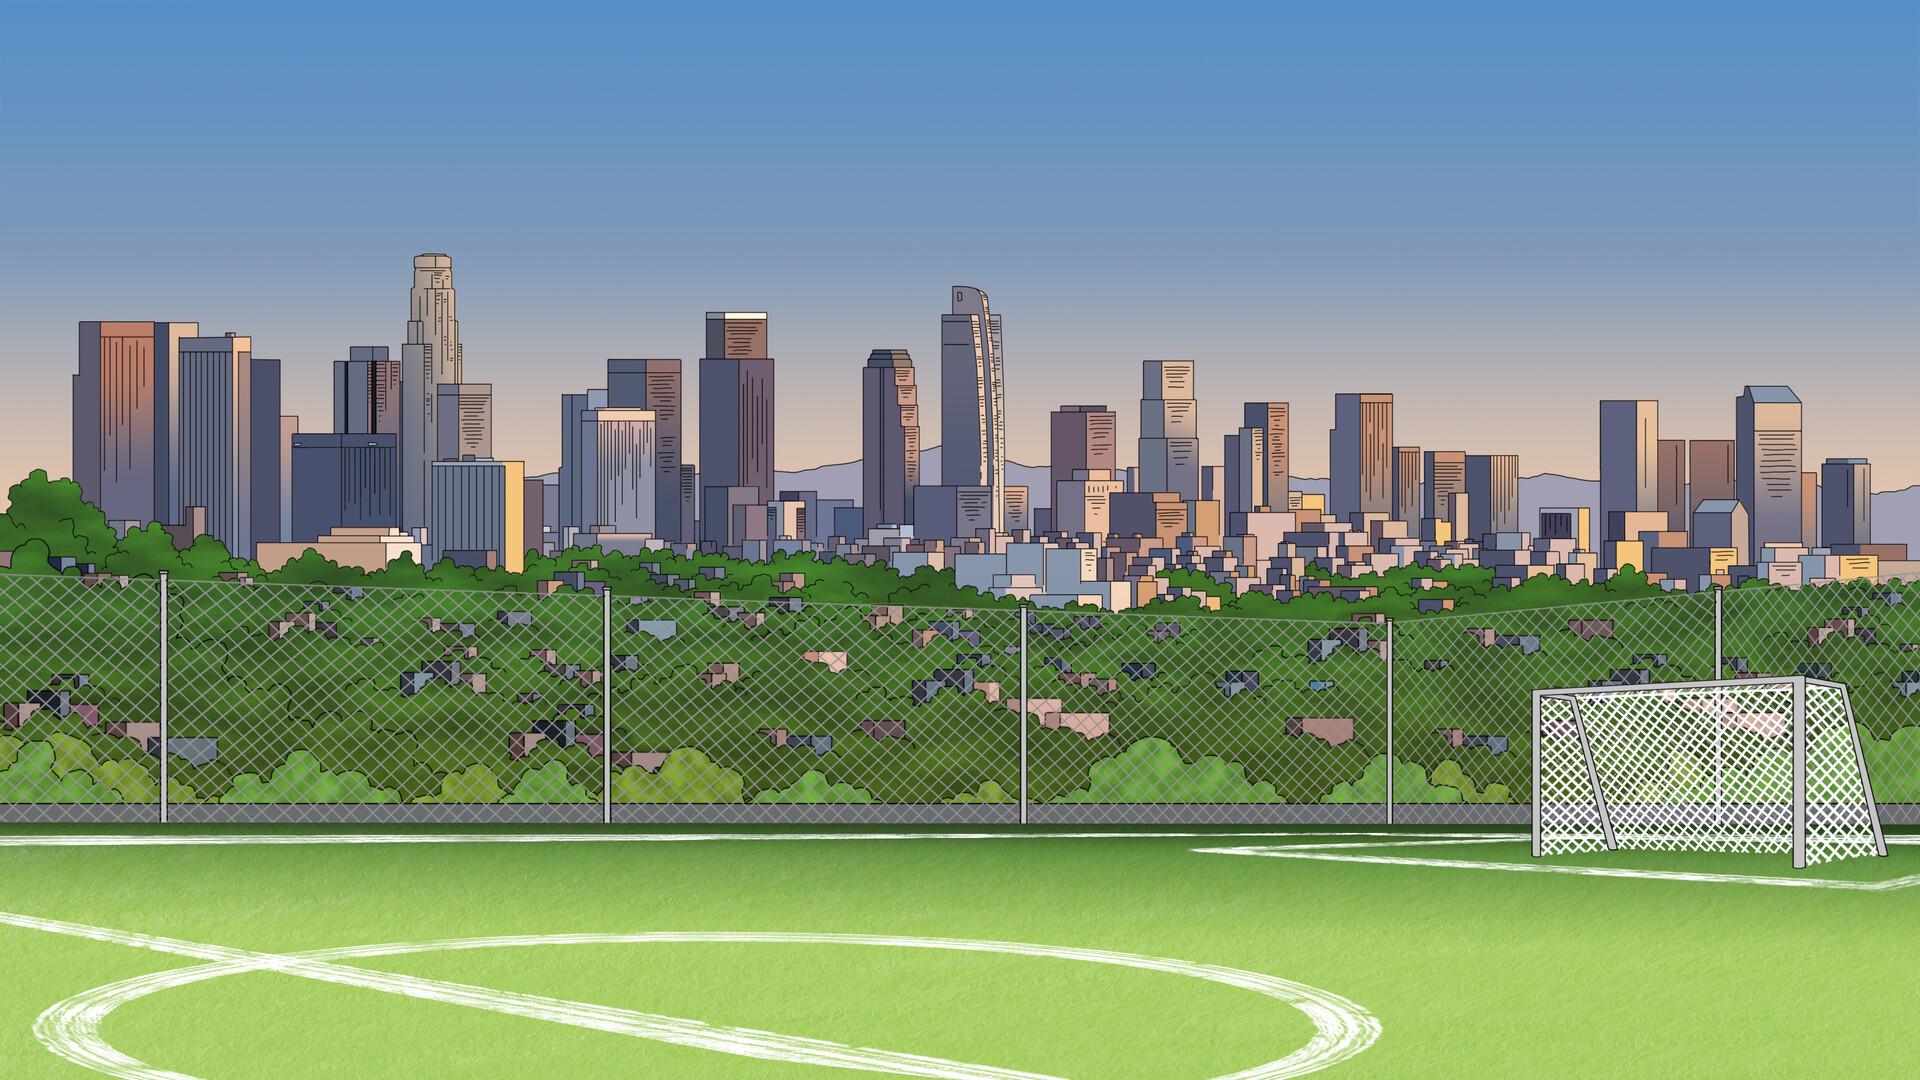 LA skyline and soccer pitch